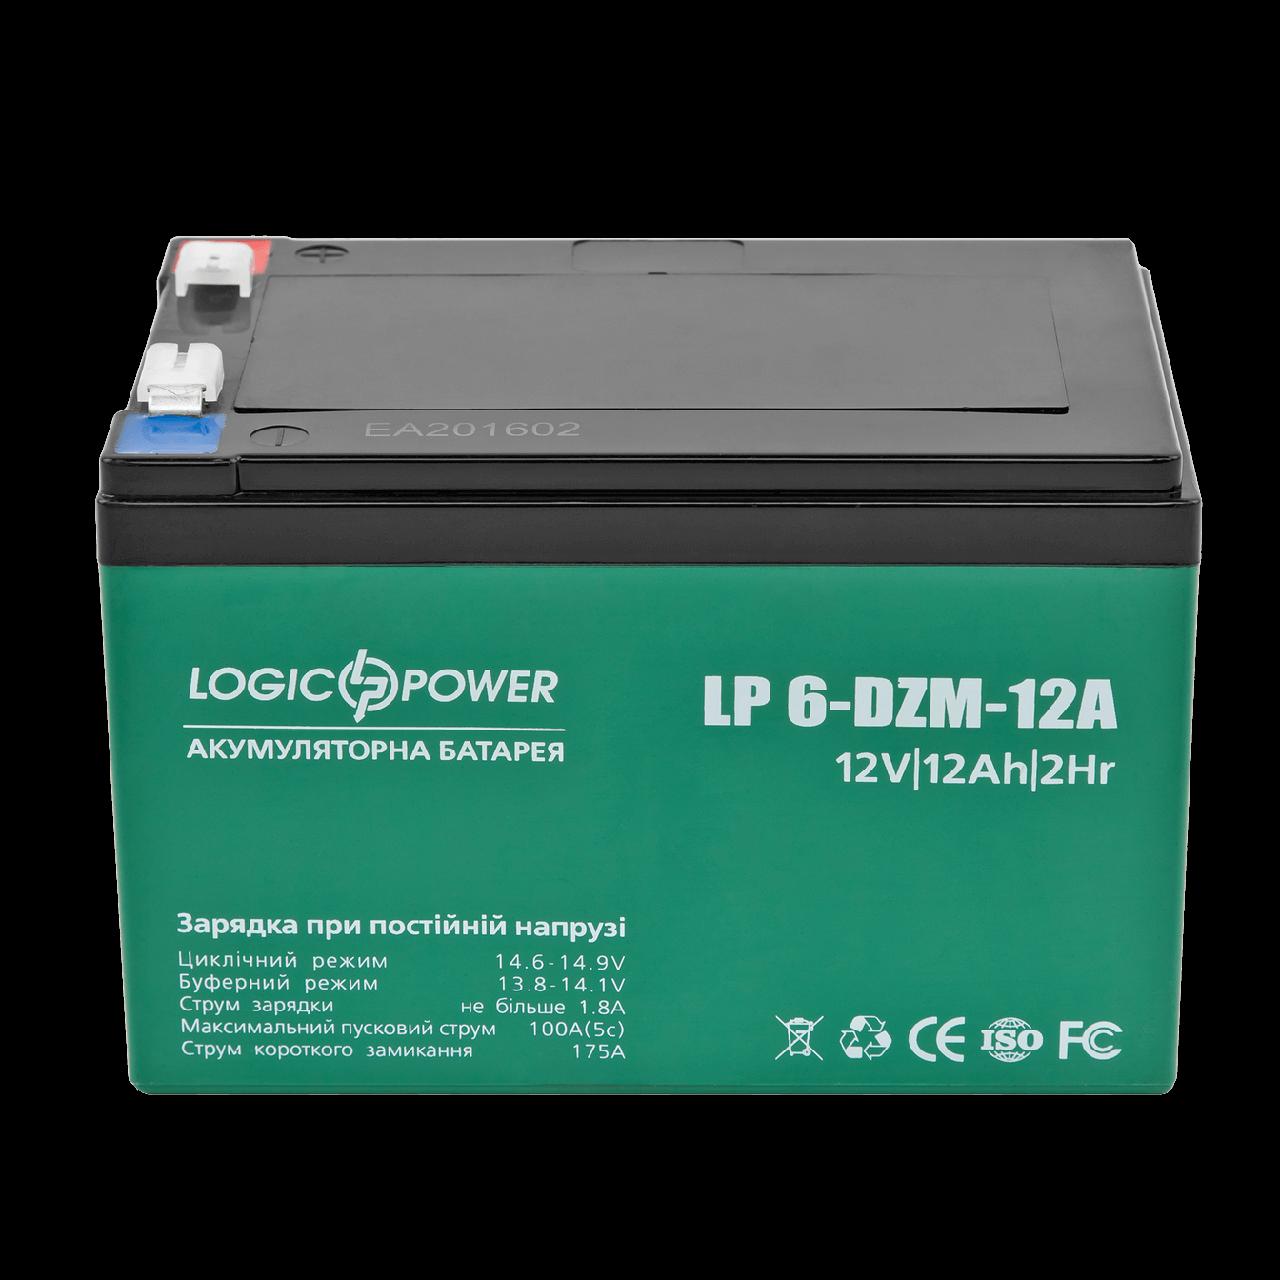 Акумулятор тяговий свинцево-кислотний AGM LogicPower LP 6-DZM-12